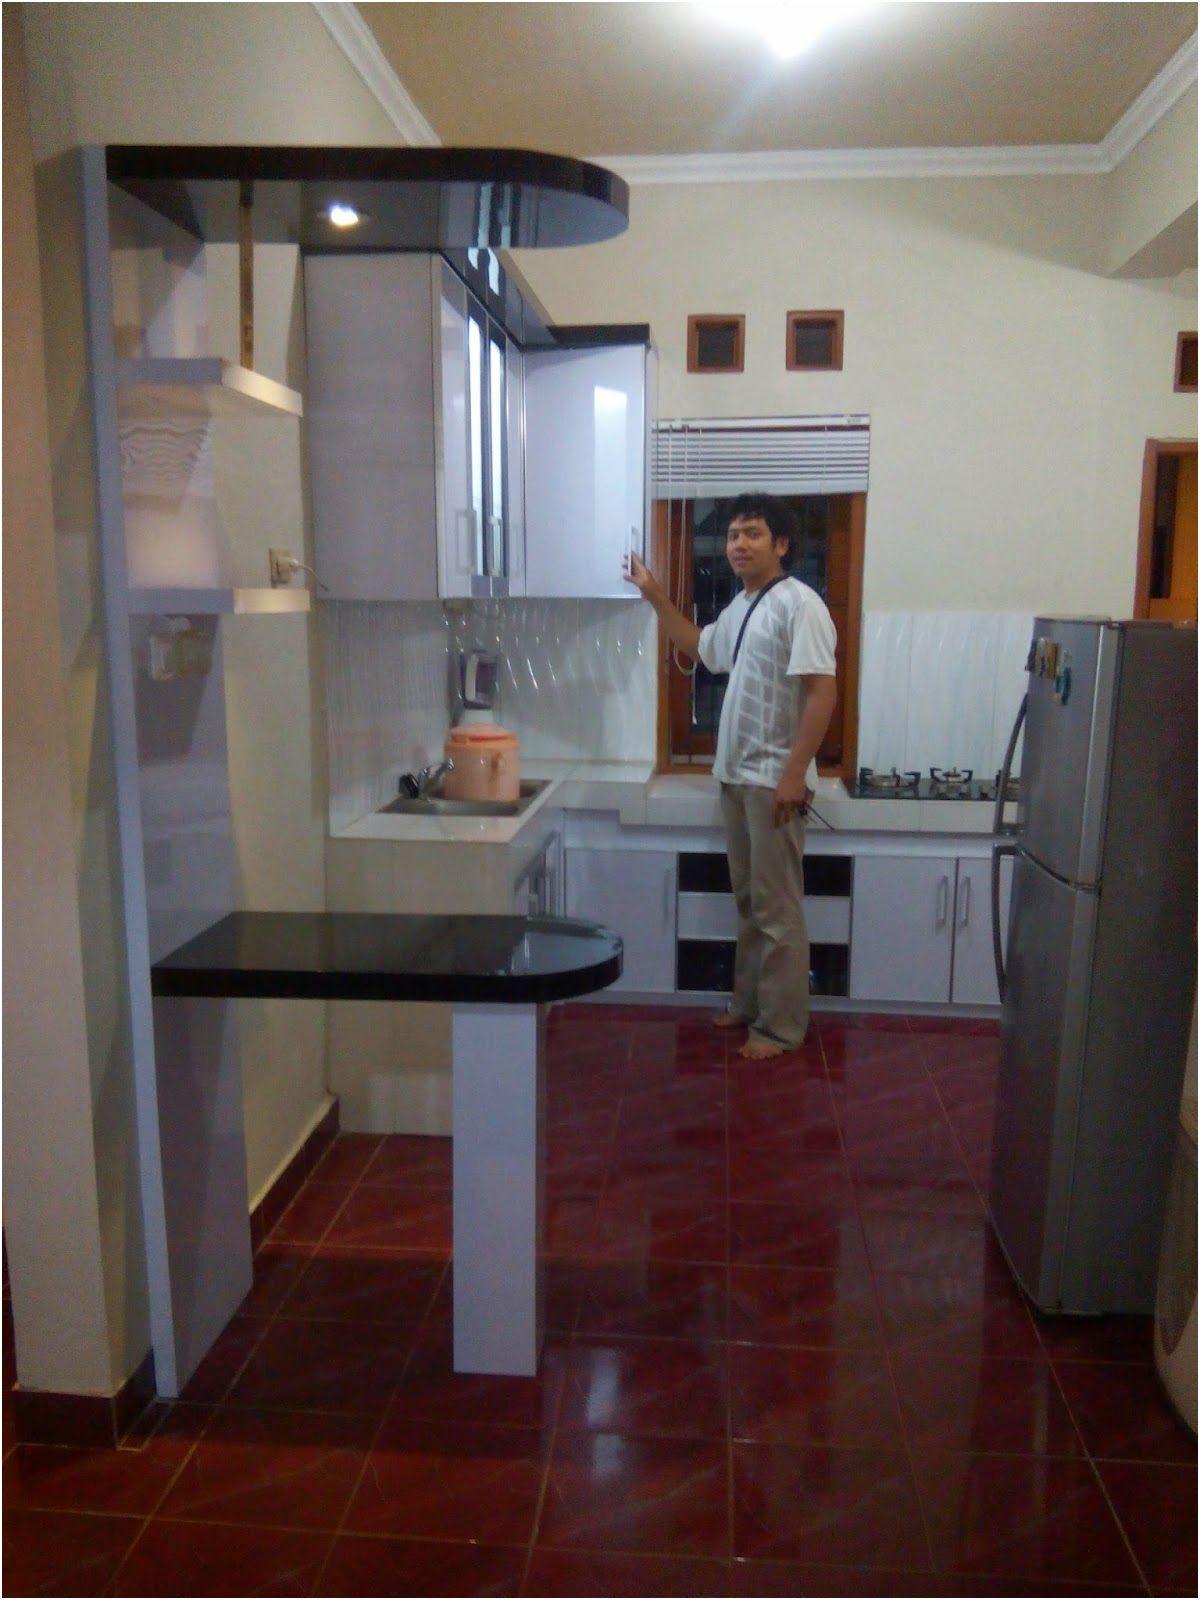 Kitchen Set Murah Pabrik Kitchen Set Minimalis Di 2020 Dekorasi Dapur Dapur Dekorasi